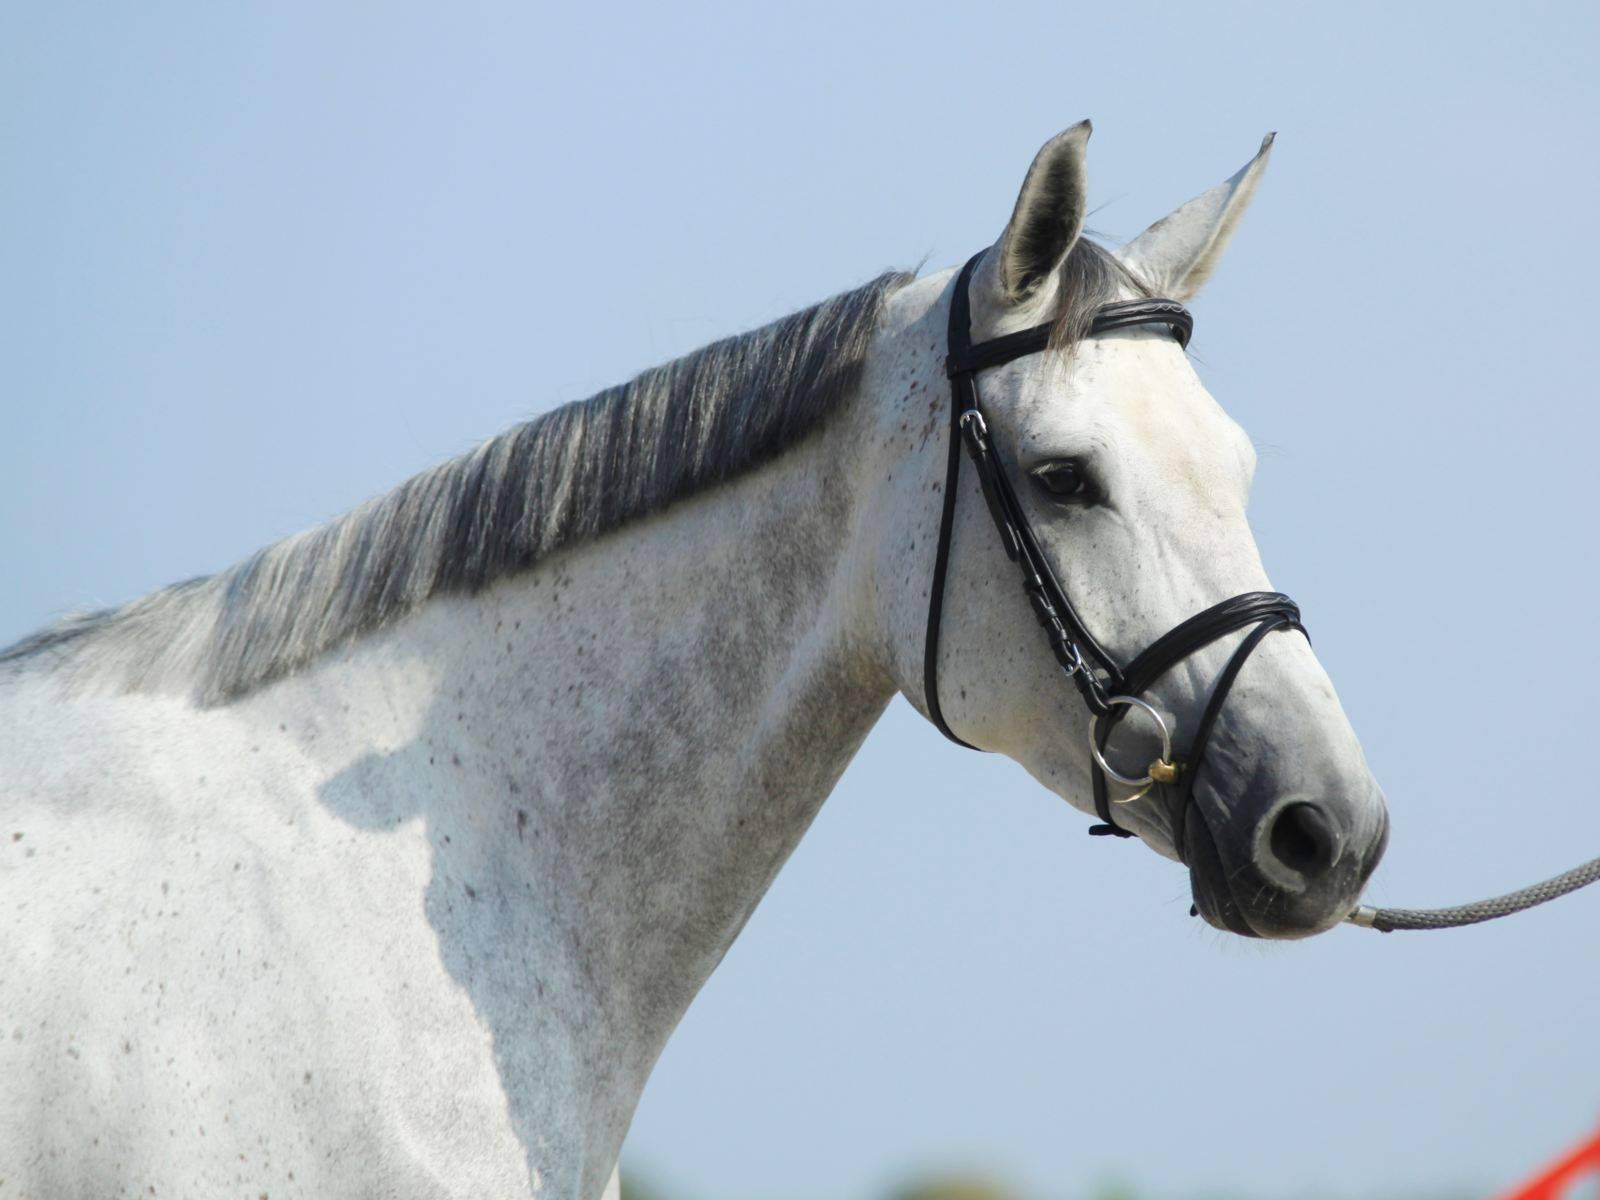 Horses in UAE Dubai Qatar